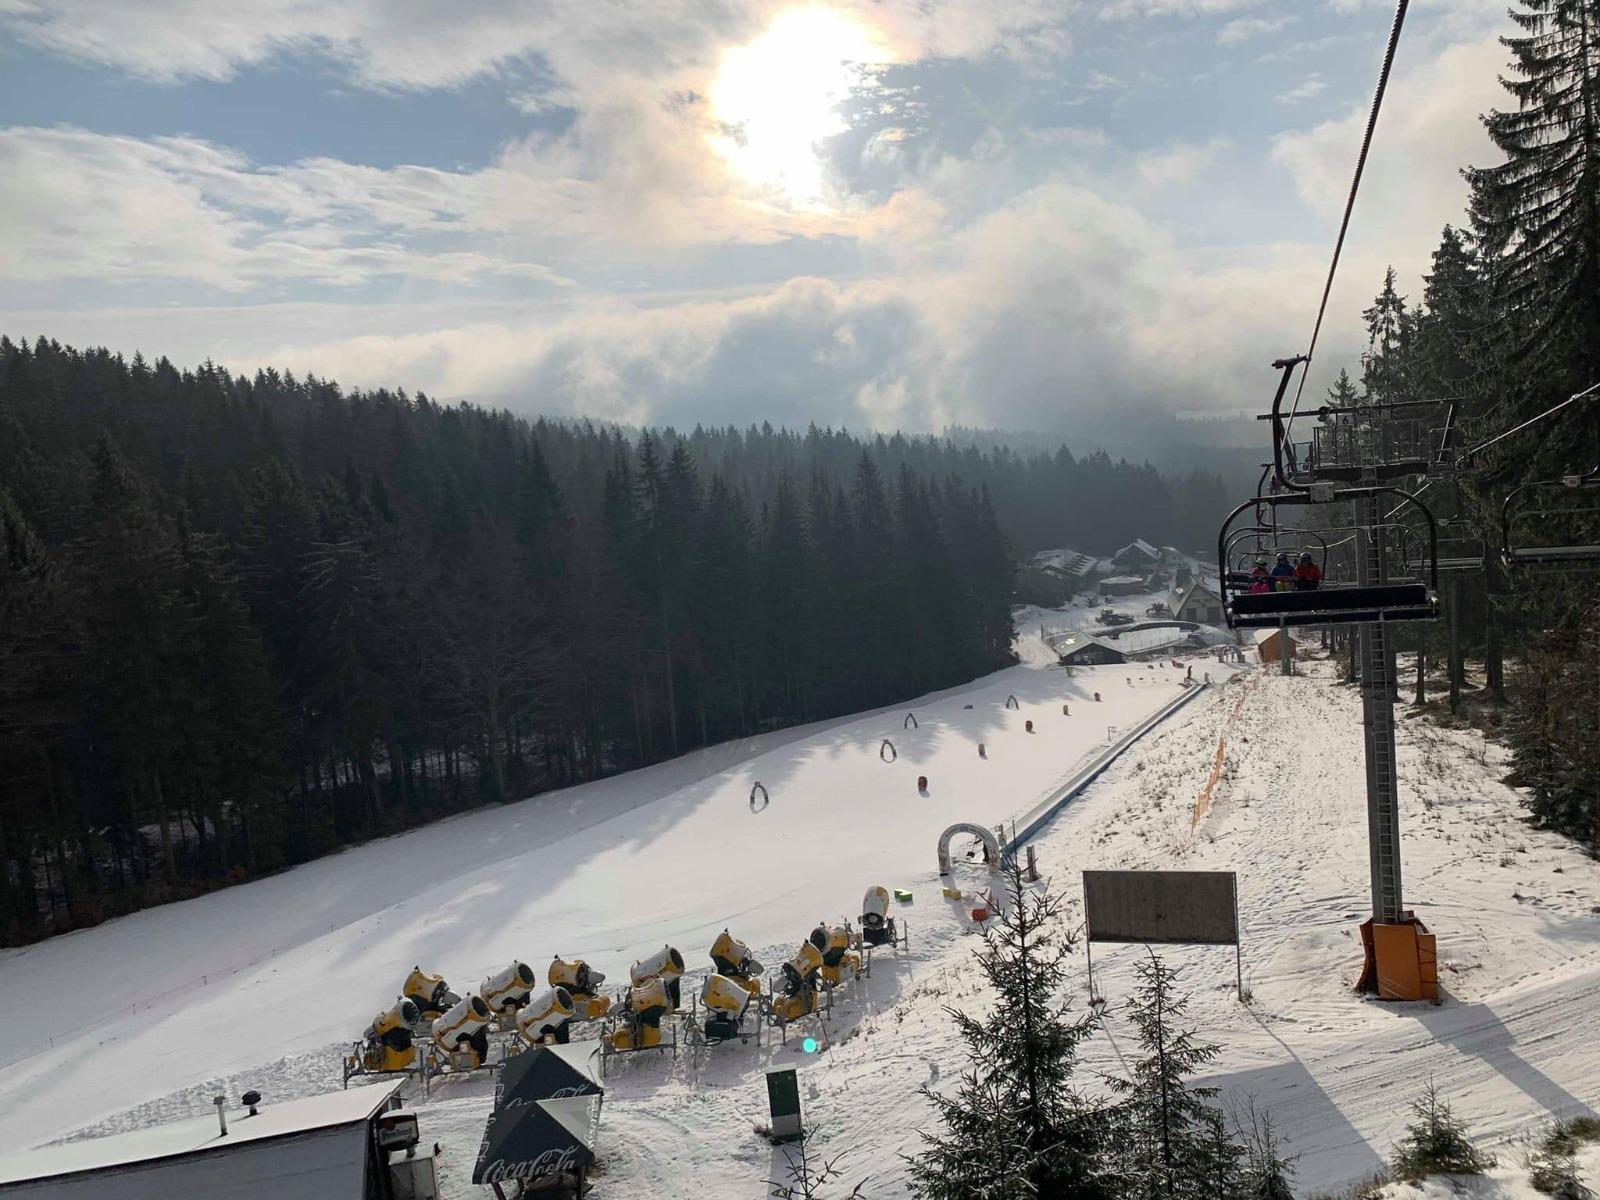 Vynikající sněhové podmínky v Říčkách v Orl.horách - 4.3.2020